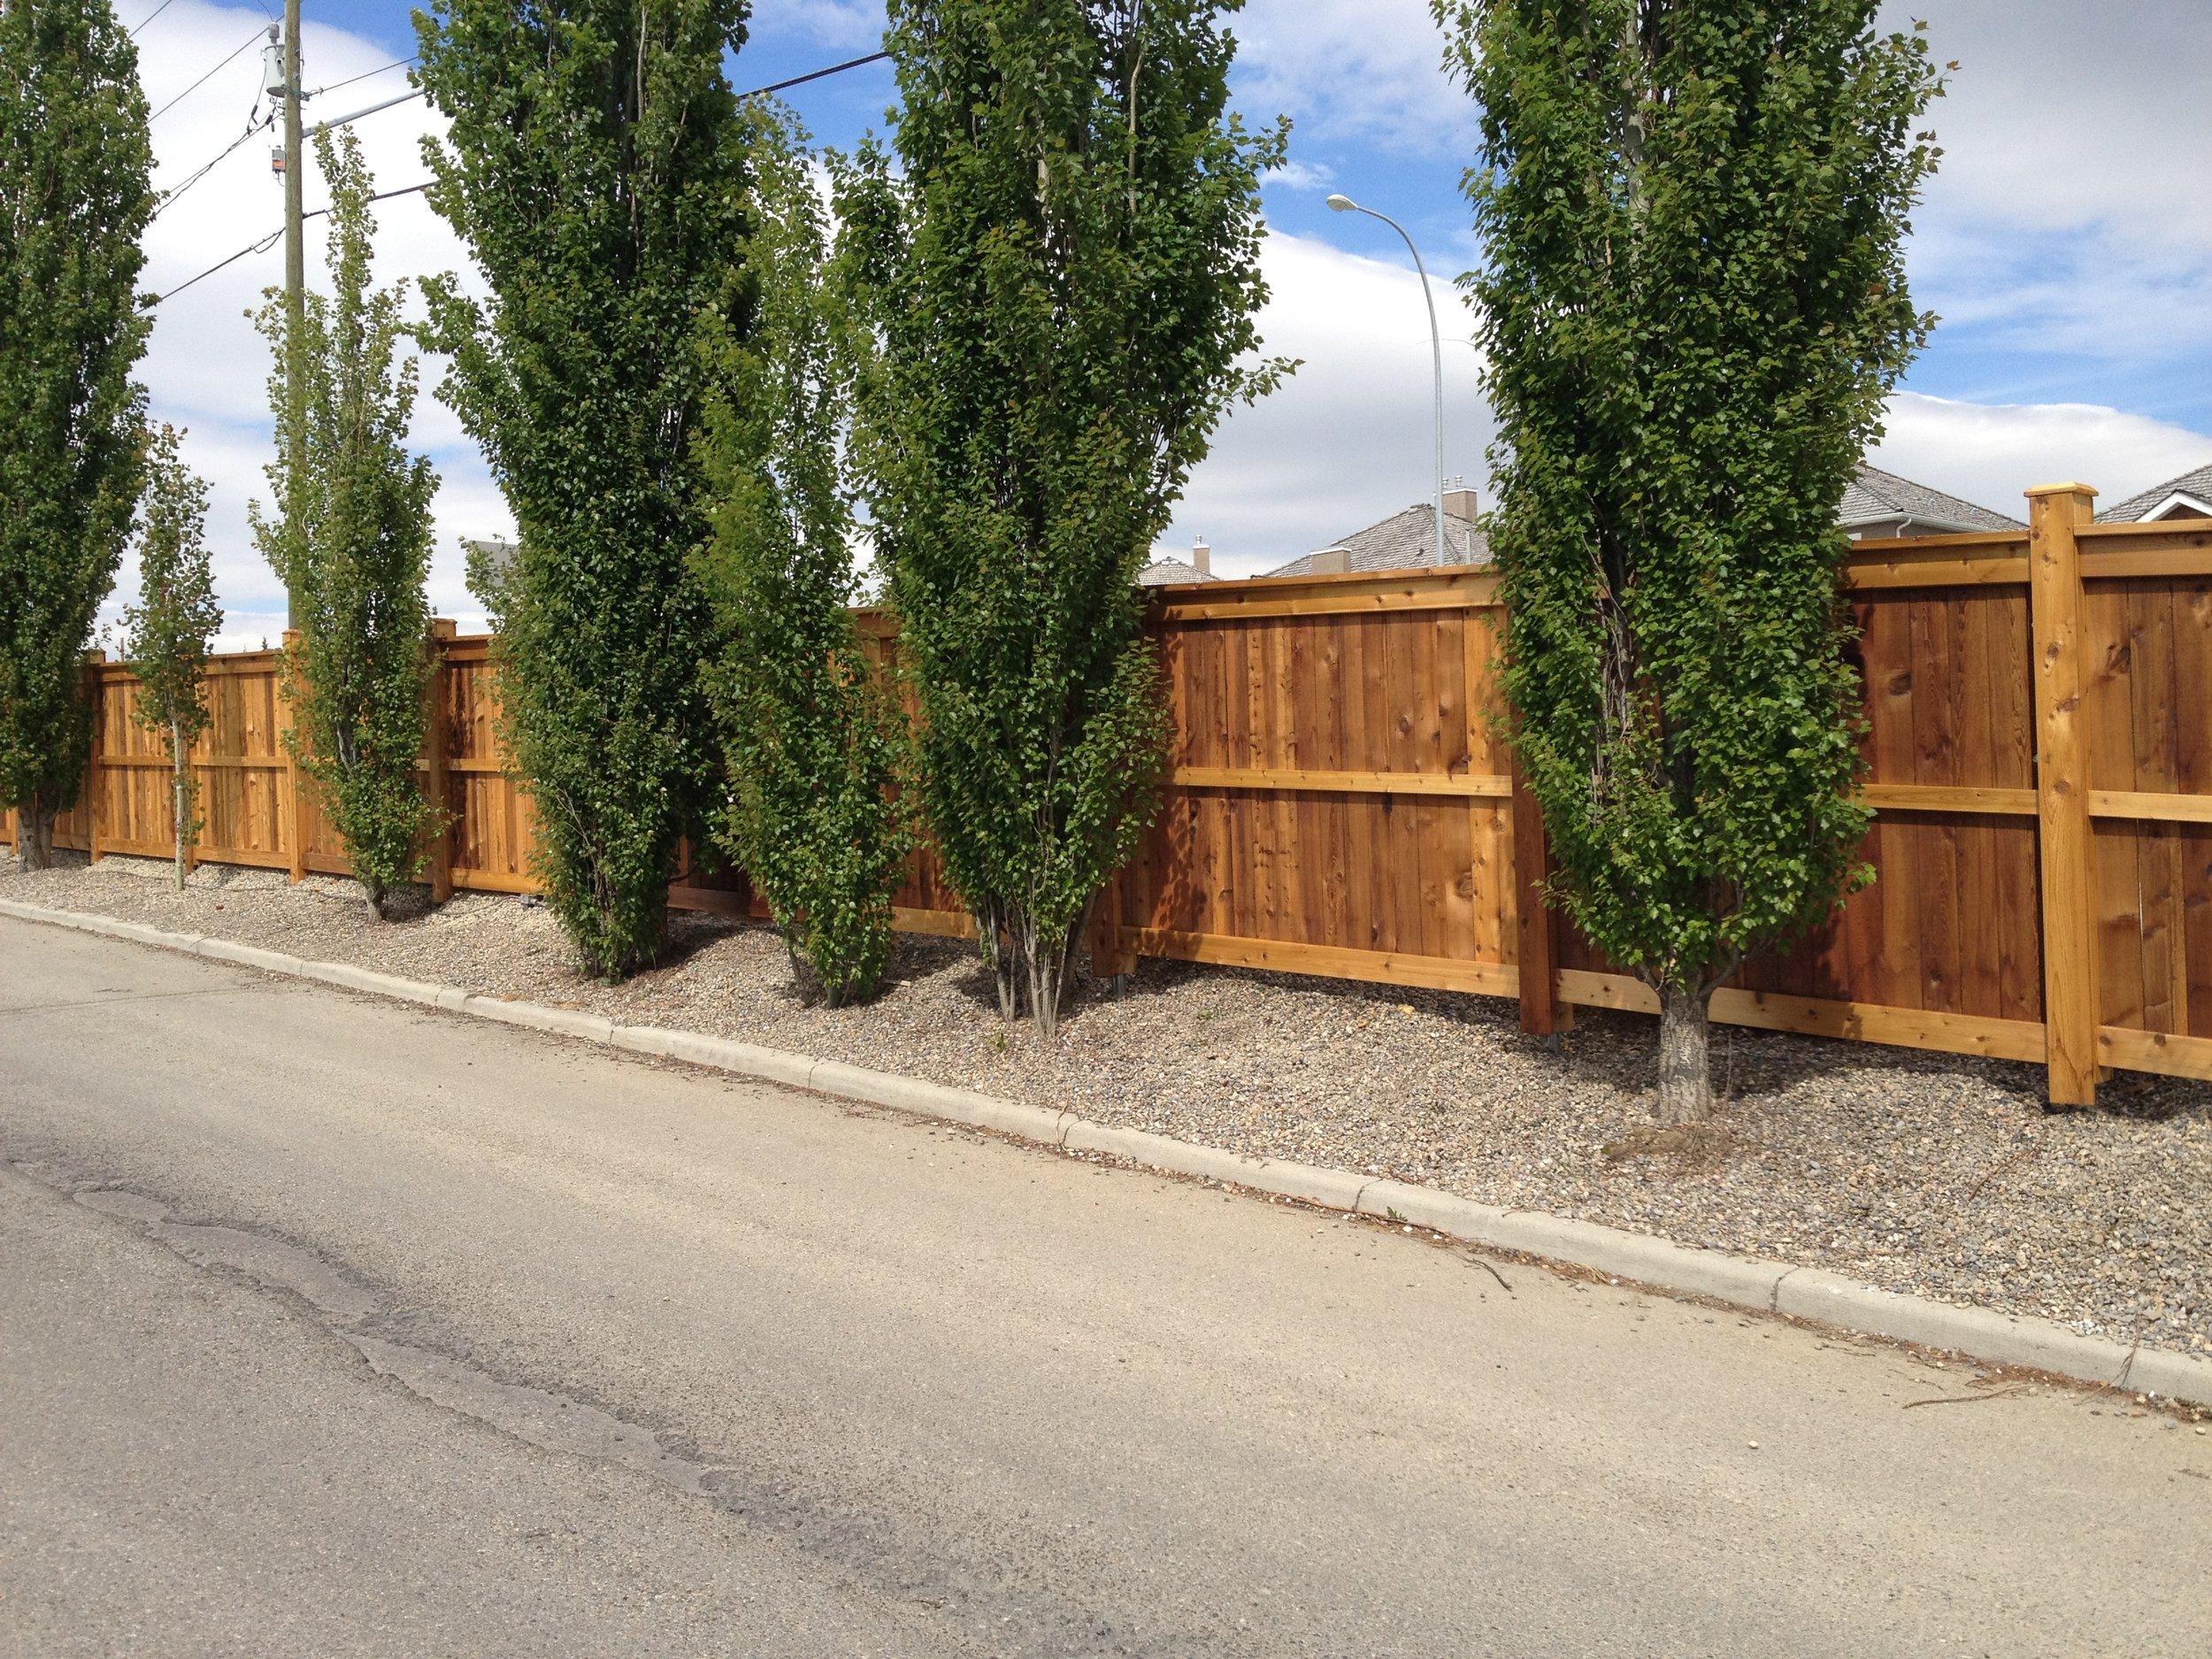 Condominium fence staining